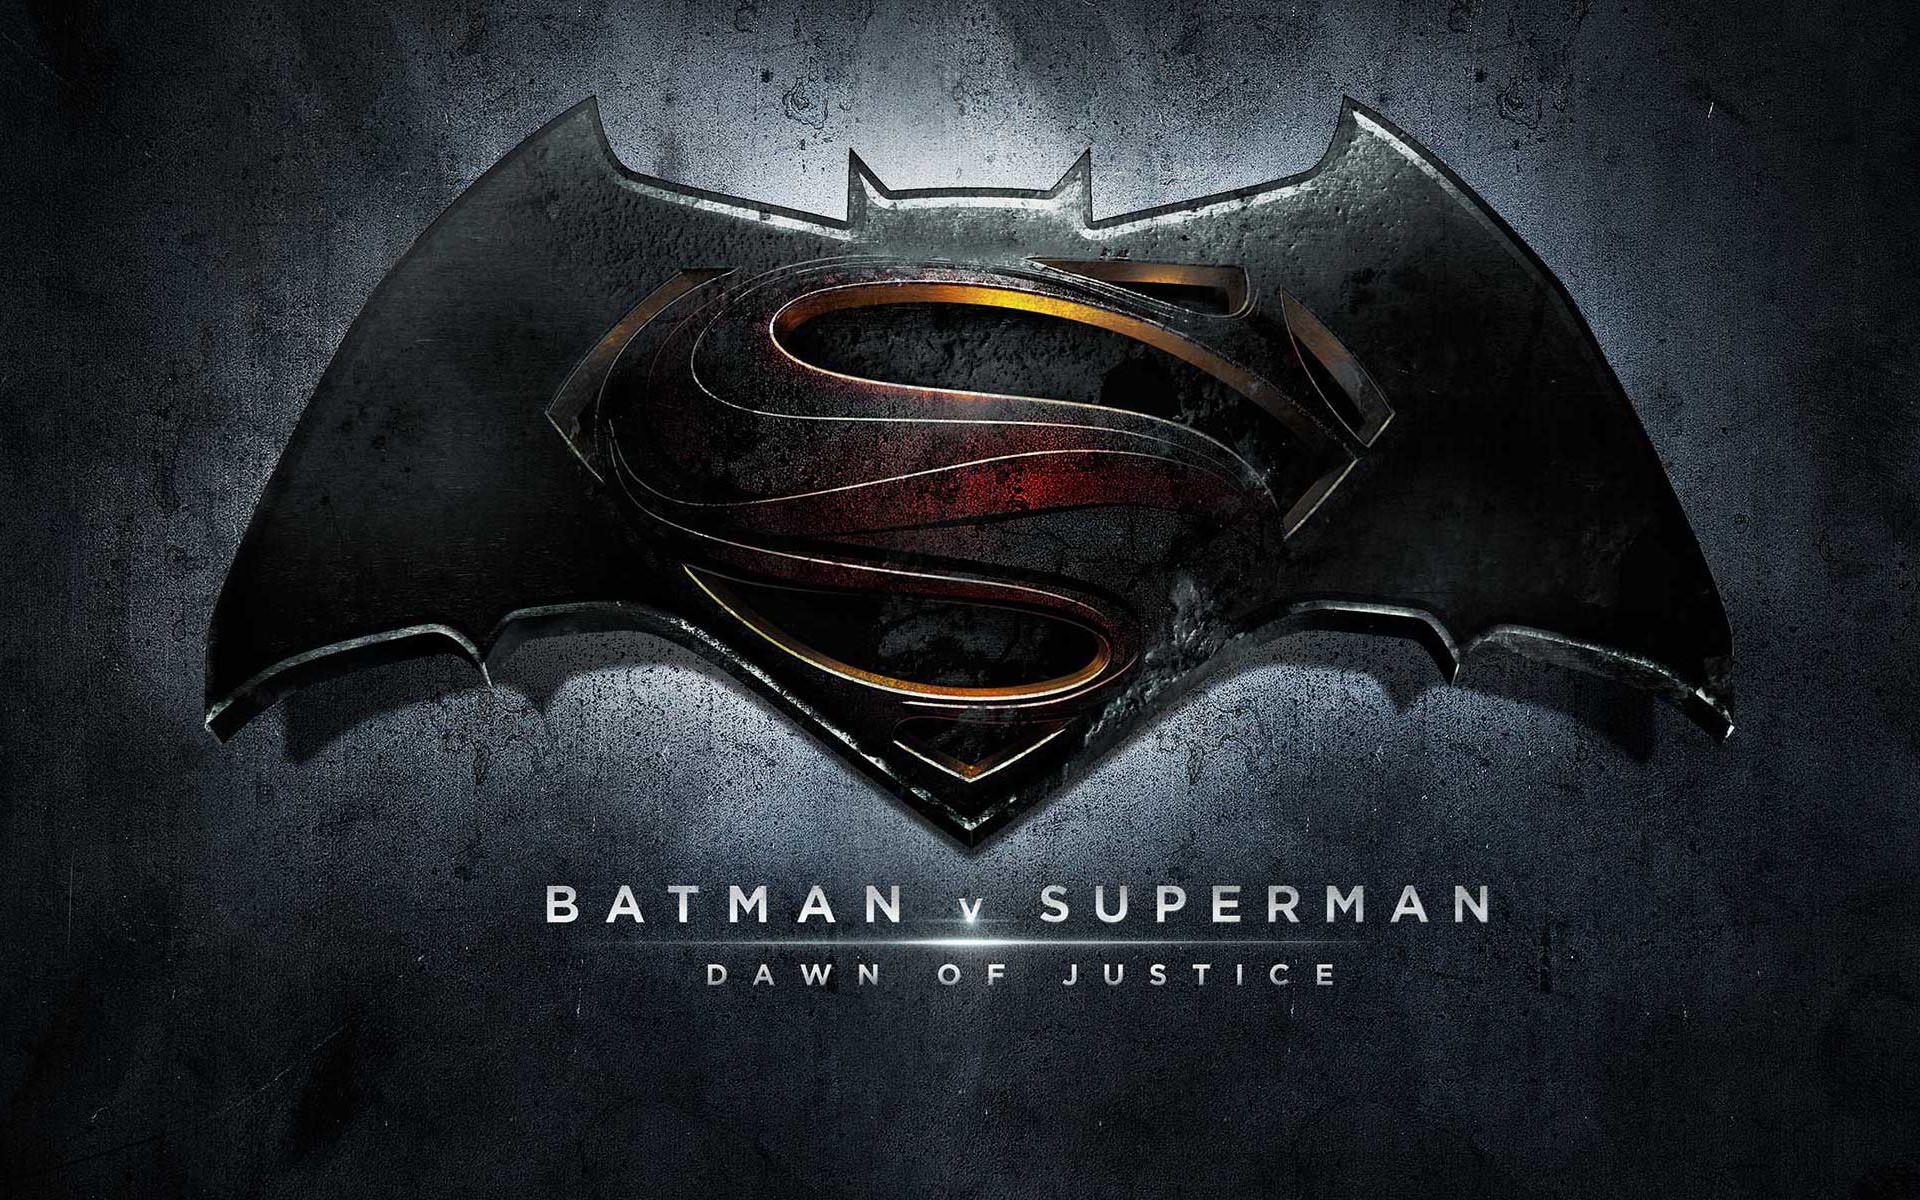 Superman Batman Logo Wallpaper Free Desktop